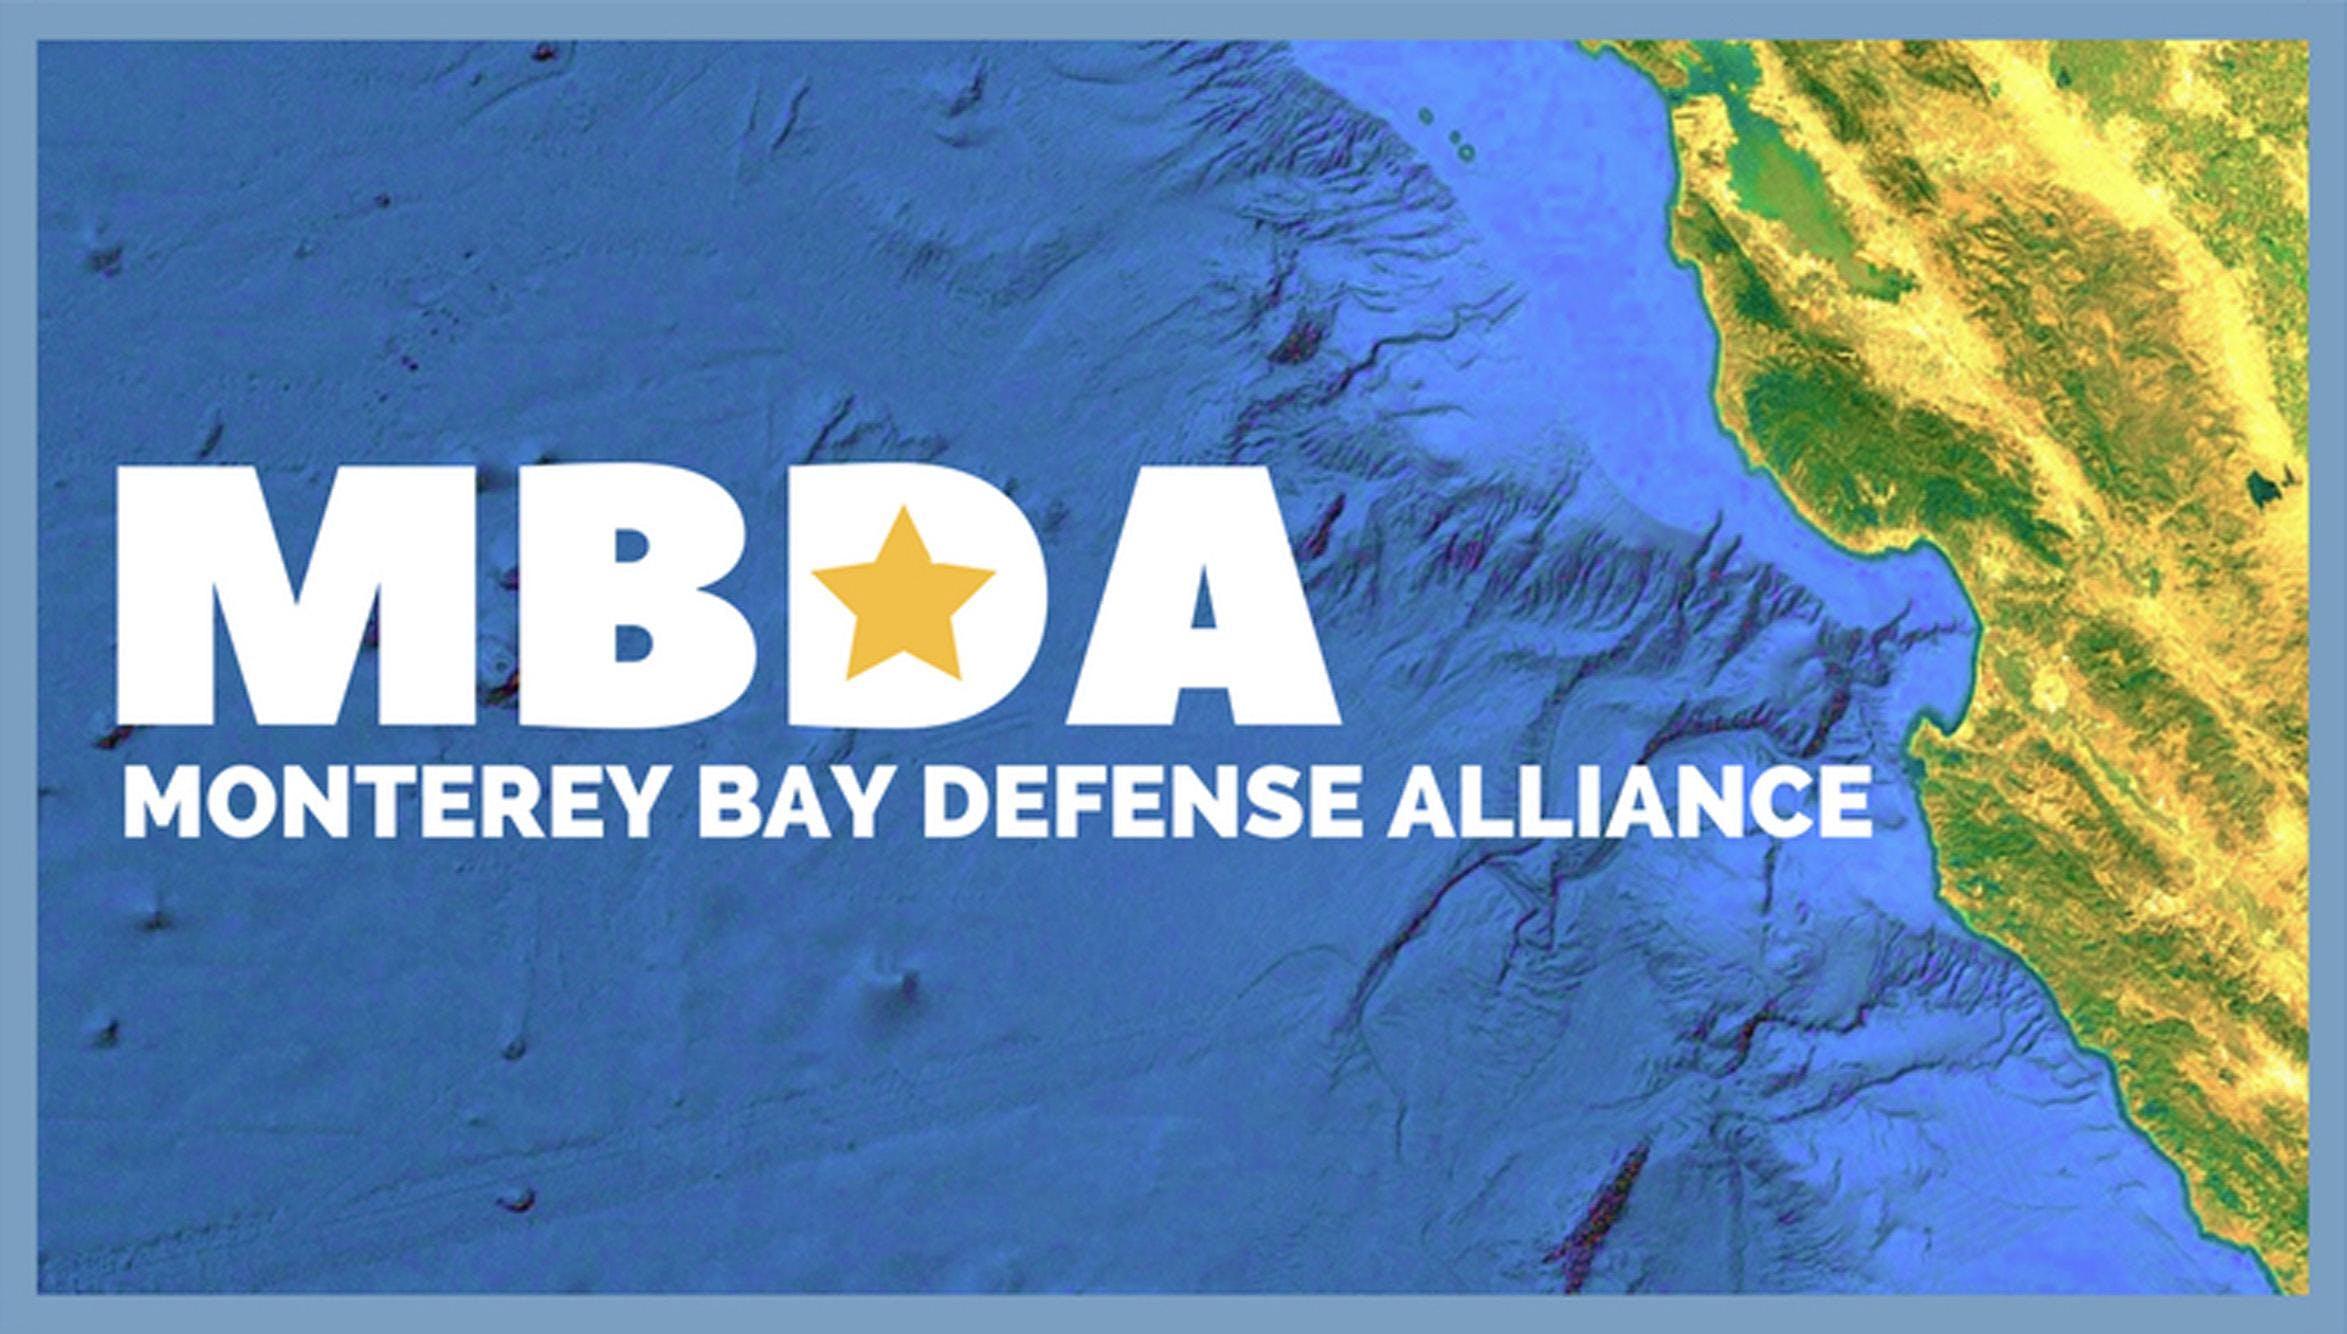 Monterey Bay Defense Alliance December 2018 B